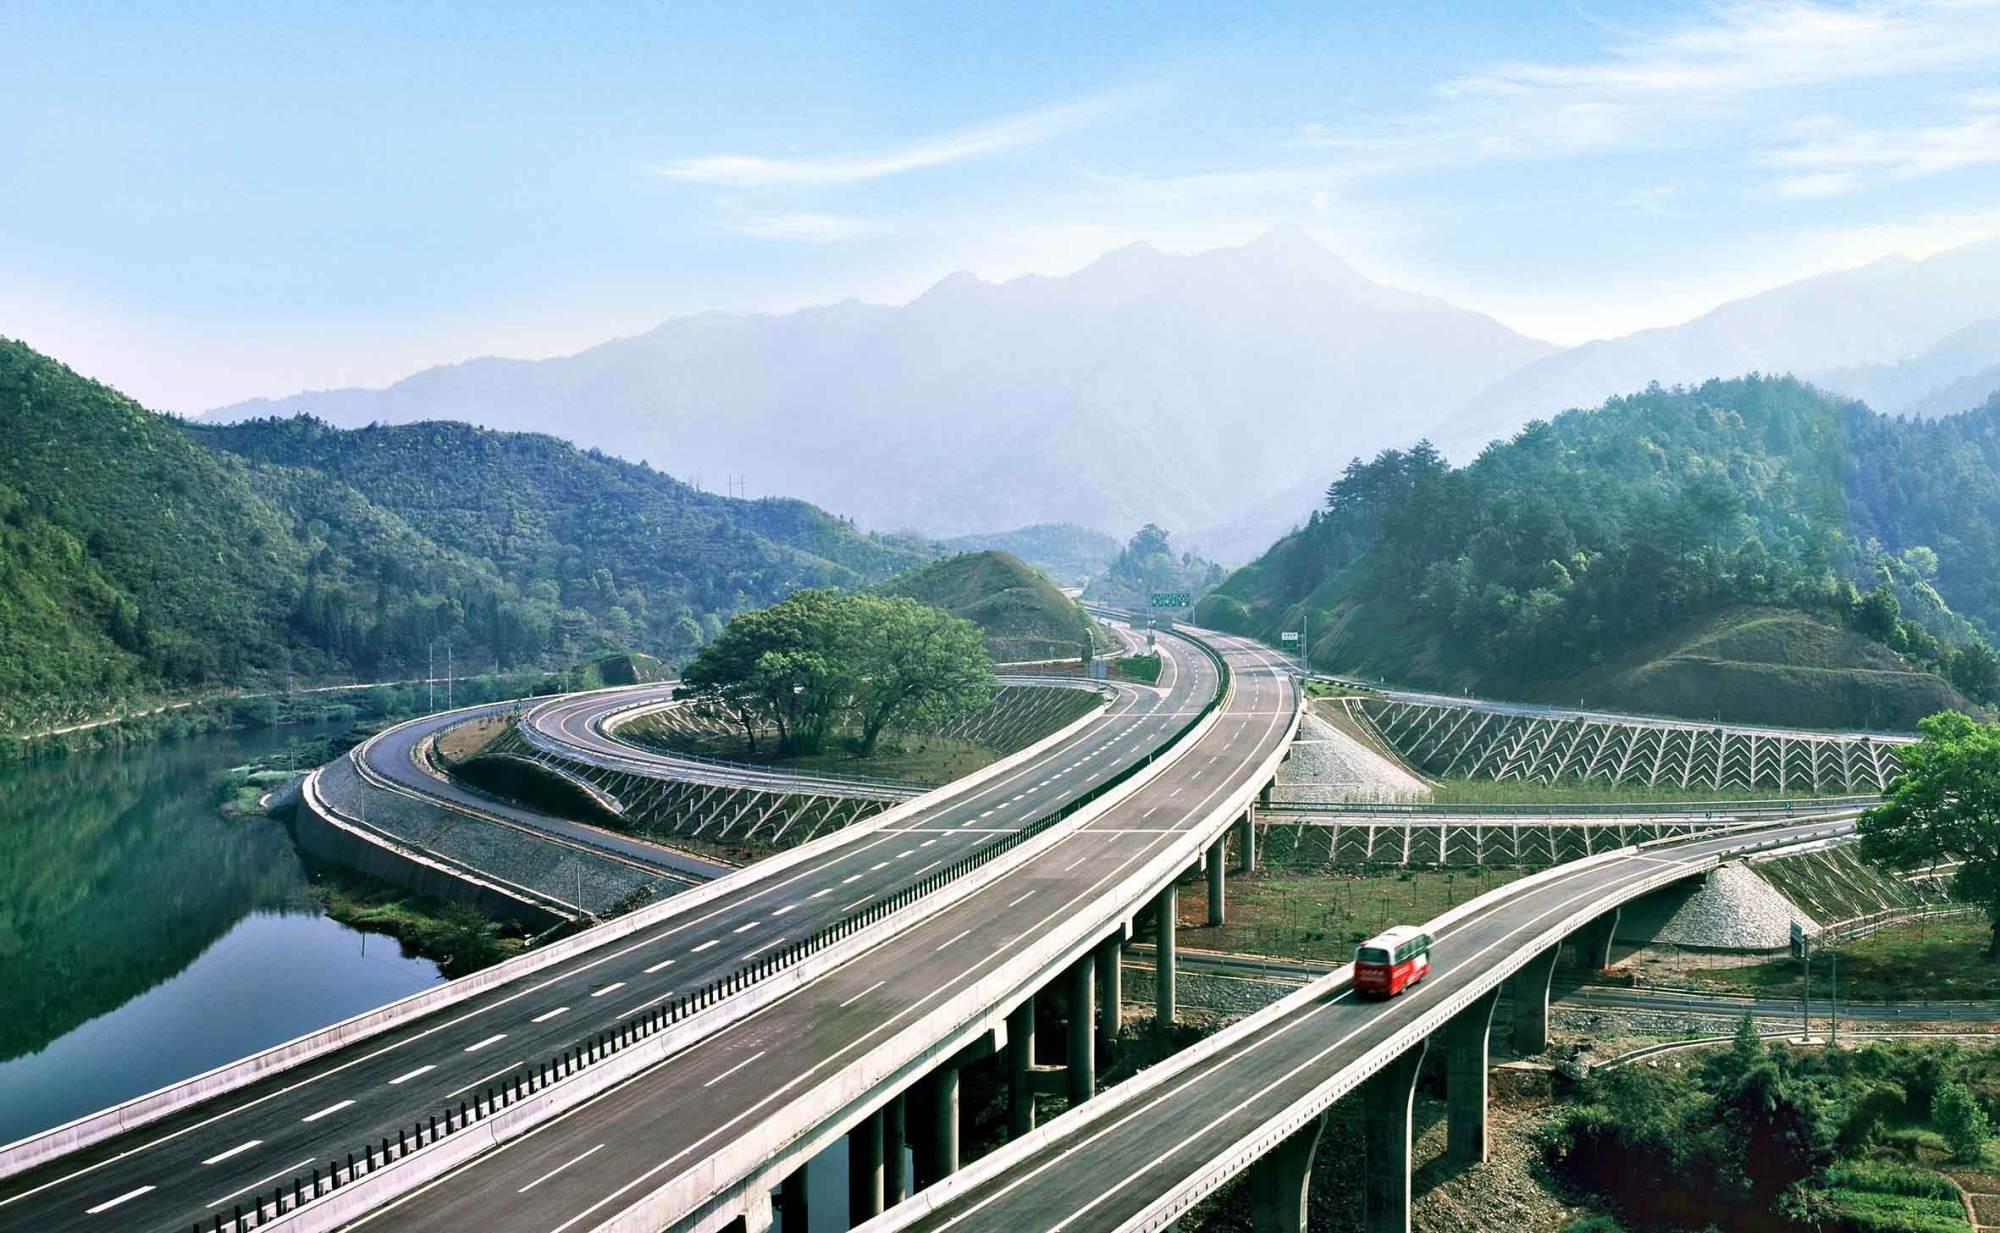 浙江在建的新高速,长约51.4公里,投资约95.3亿,预计2020年通车